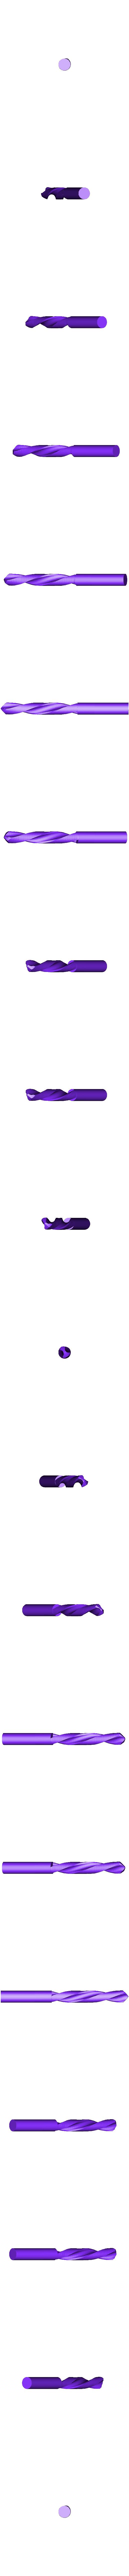 D03.stl Télécharger fichier STL Perceuse à main Impression 3D • Design pour impression 3D, MPPSWKA7